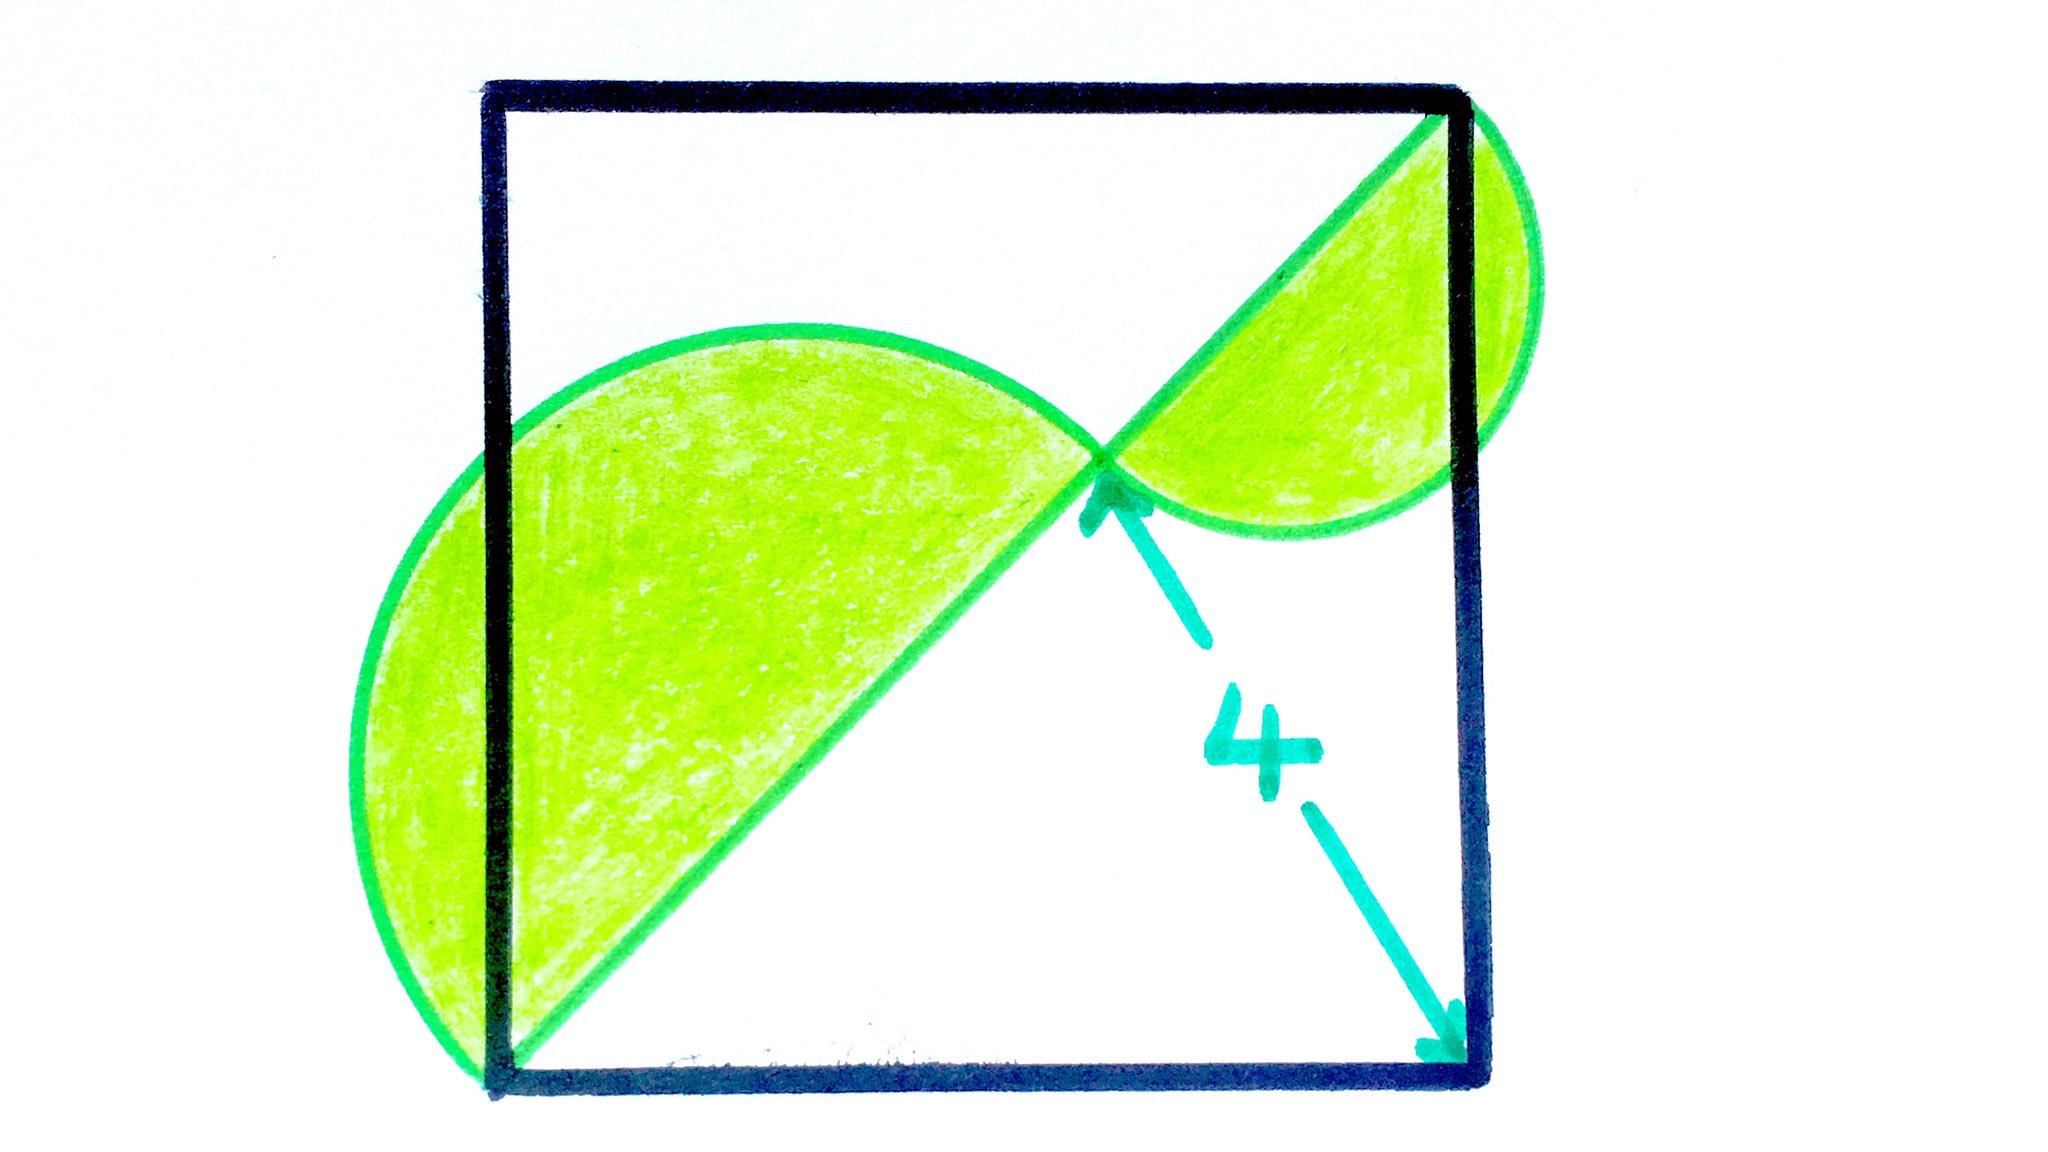 Calcula el área de la parte sombreada